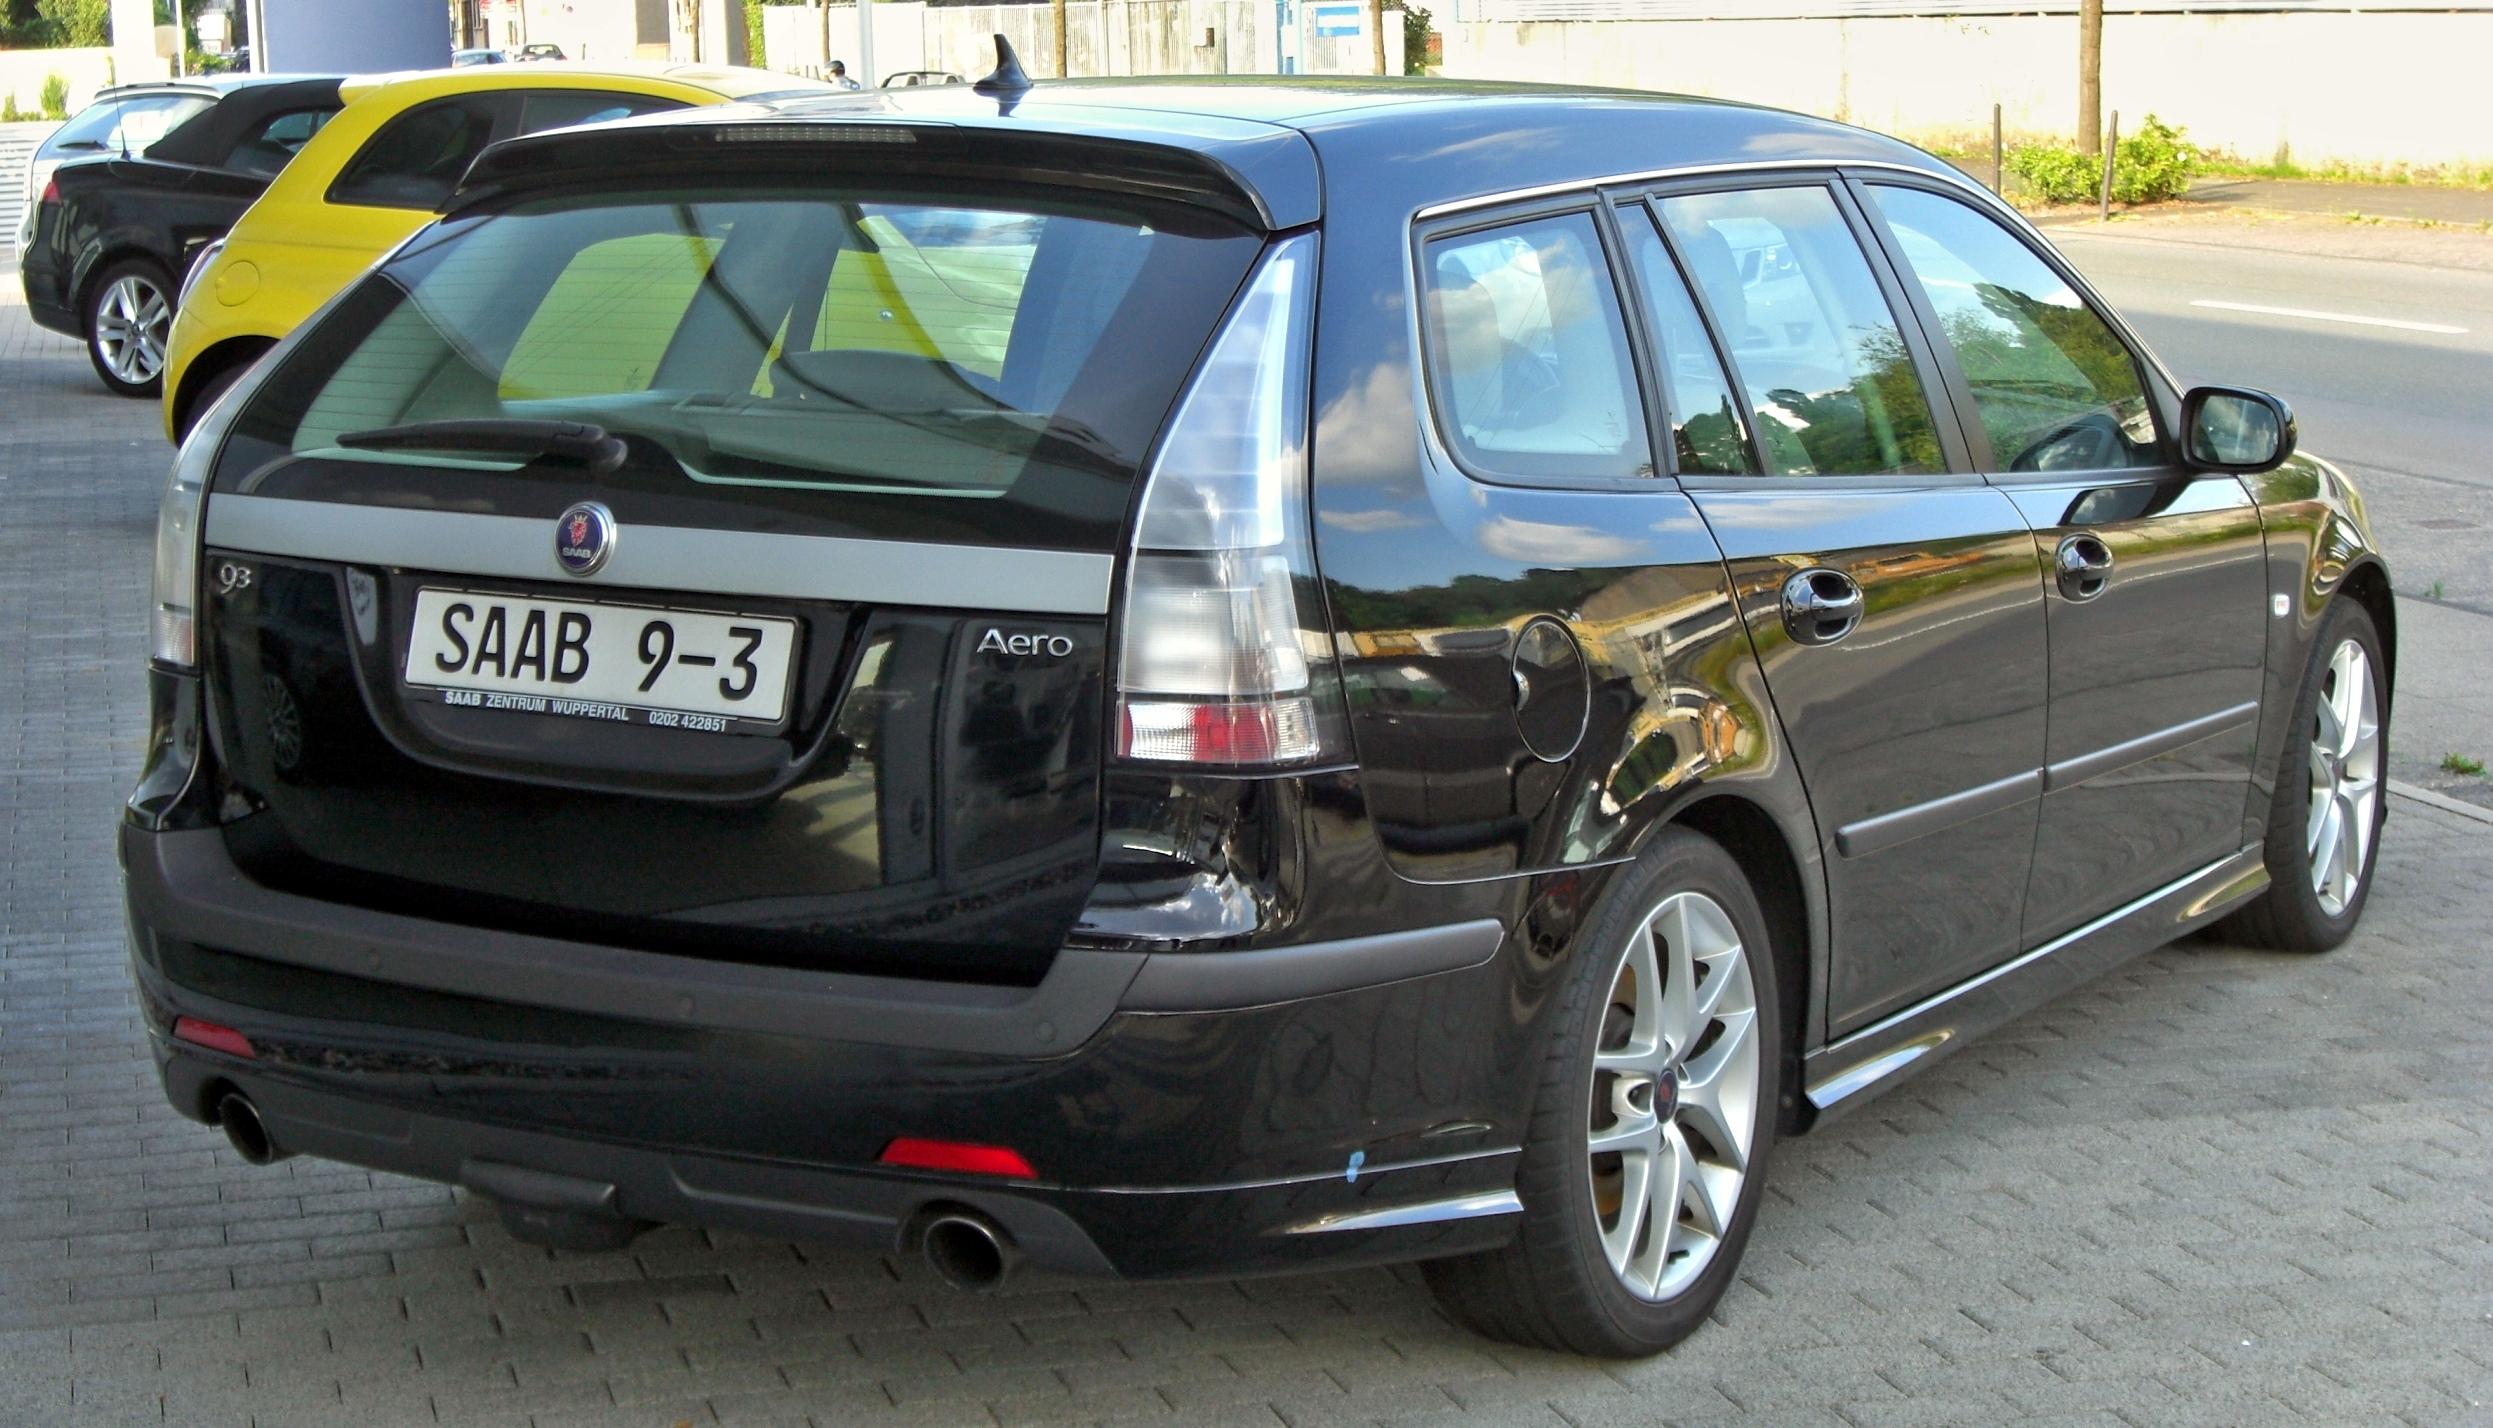 2006 saab 9 3 aero 2.8 v6 turbo review